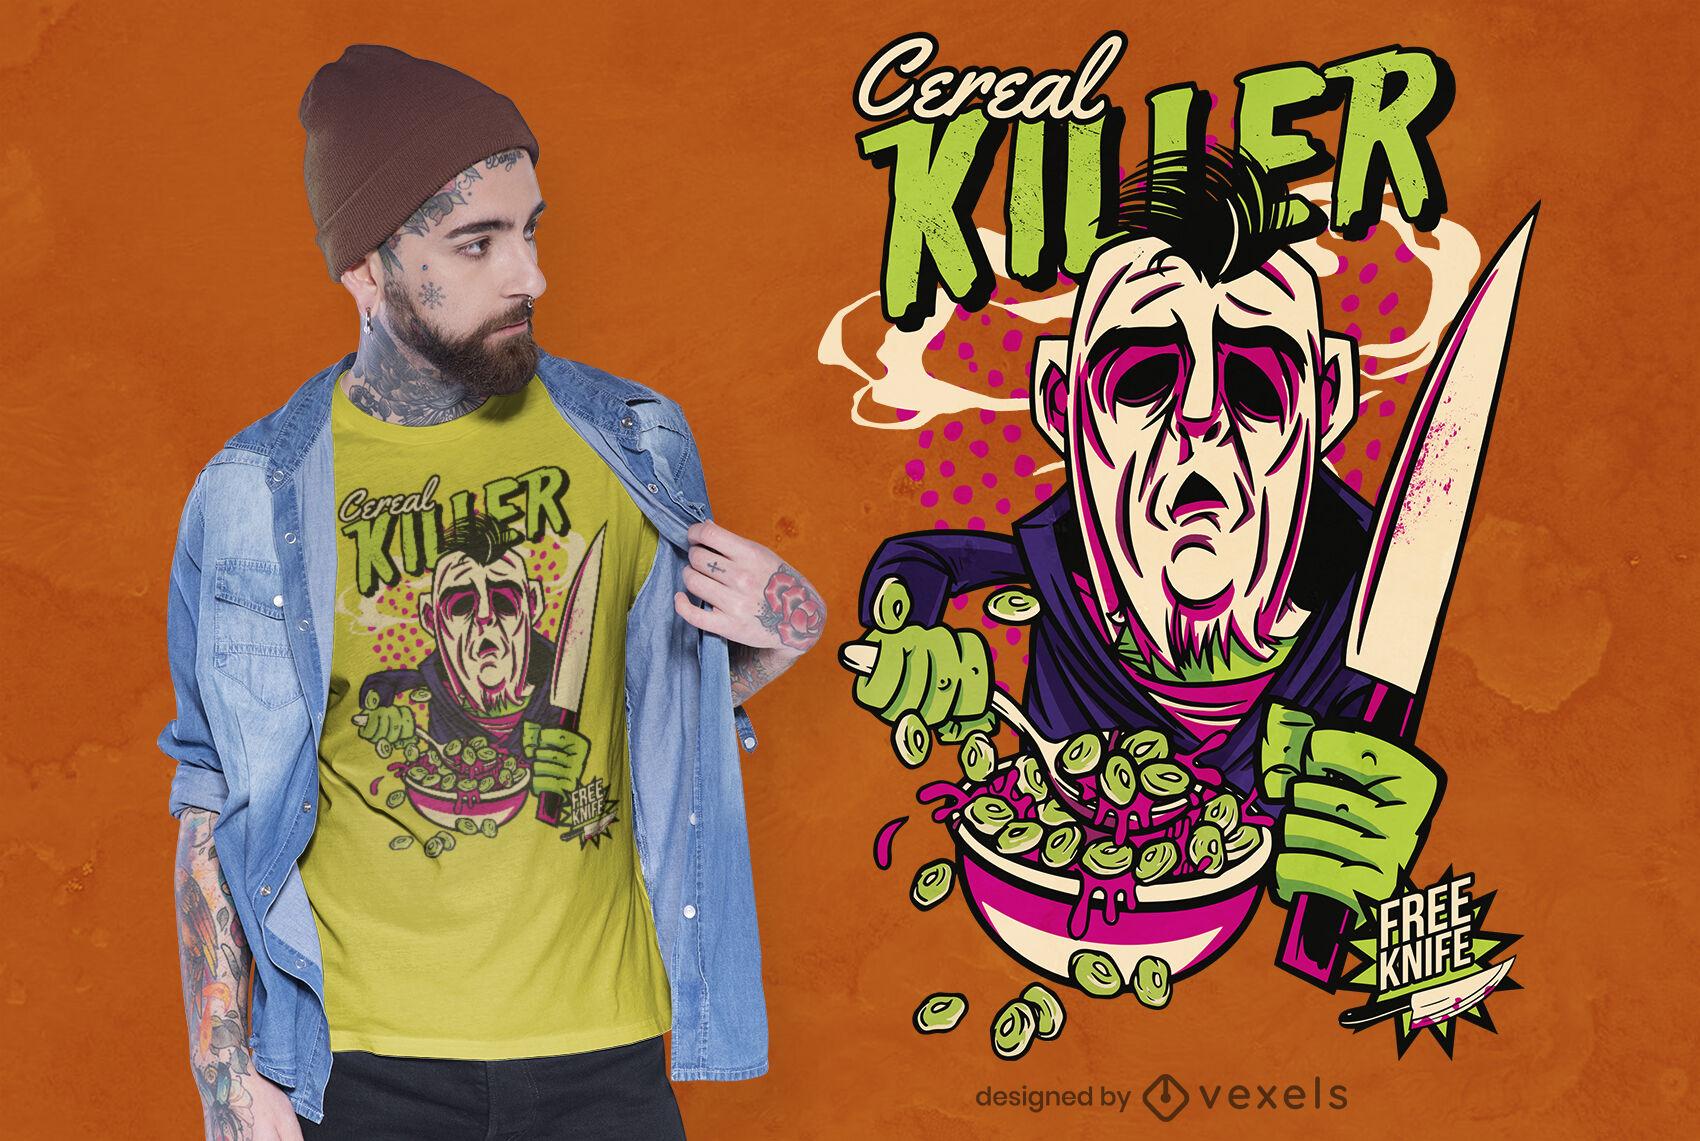 Dise?o de camiseta de juego de palabras de cereal asesino en serie